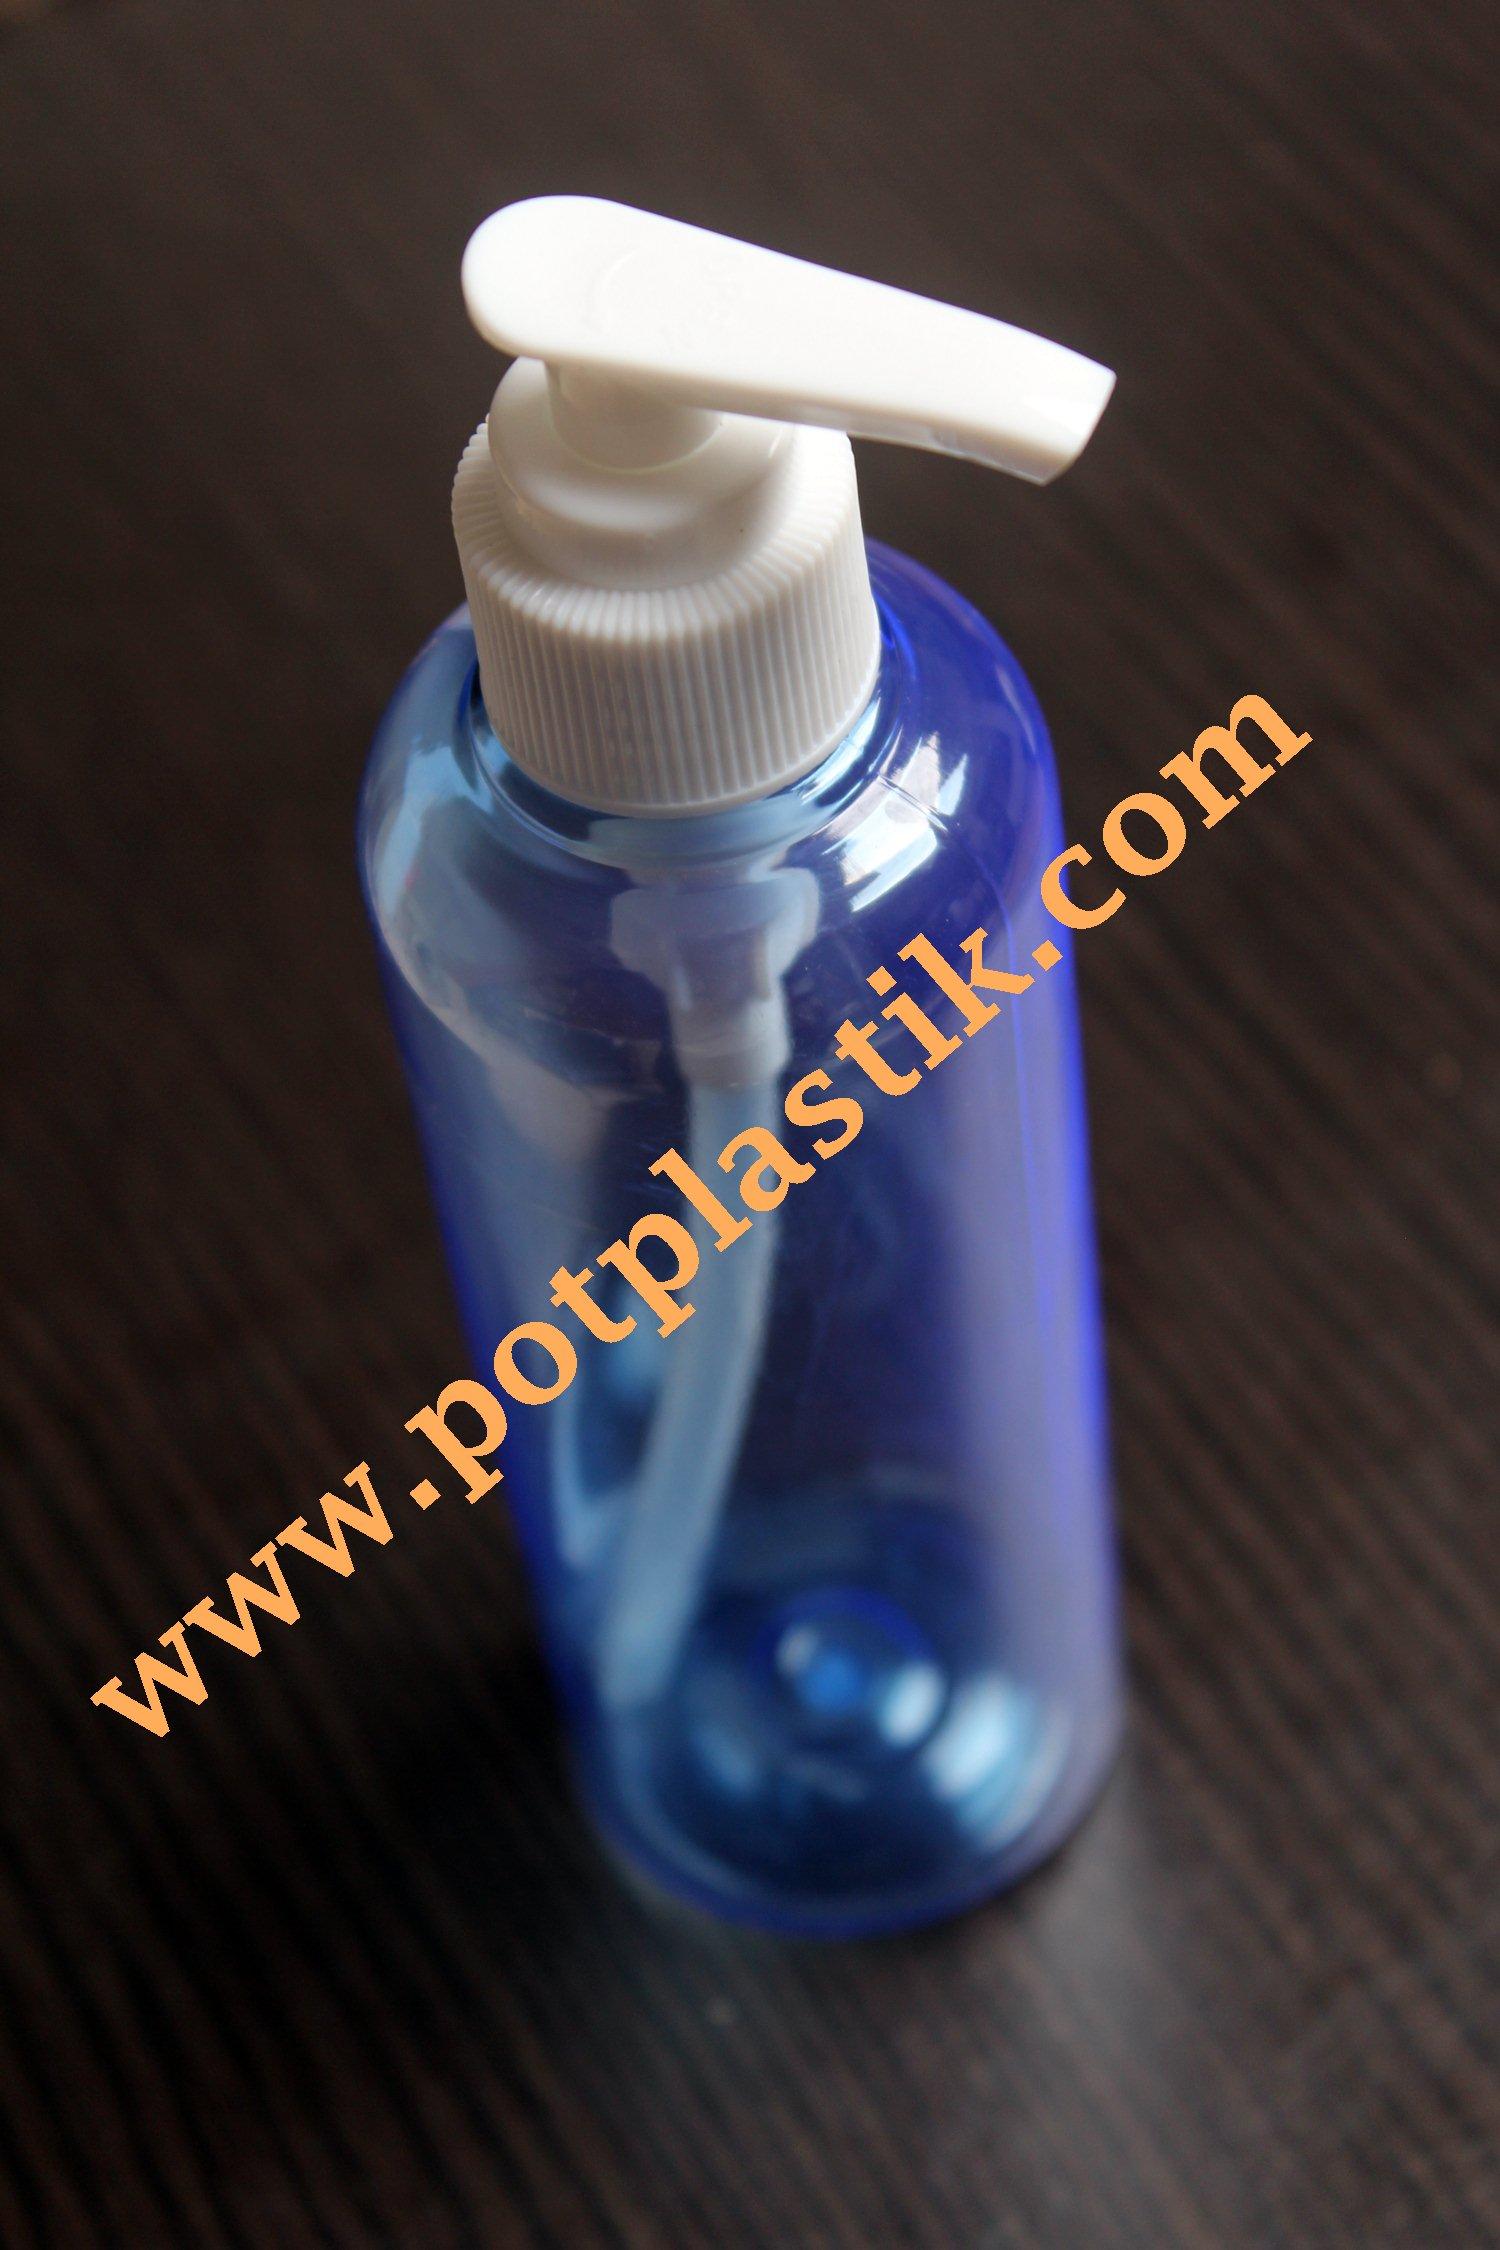 Jual Wadah Lulur Murah Di Nias Pot Plastik Cream Krim 250 Gr Tinggi Ukuran Ml